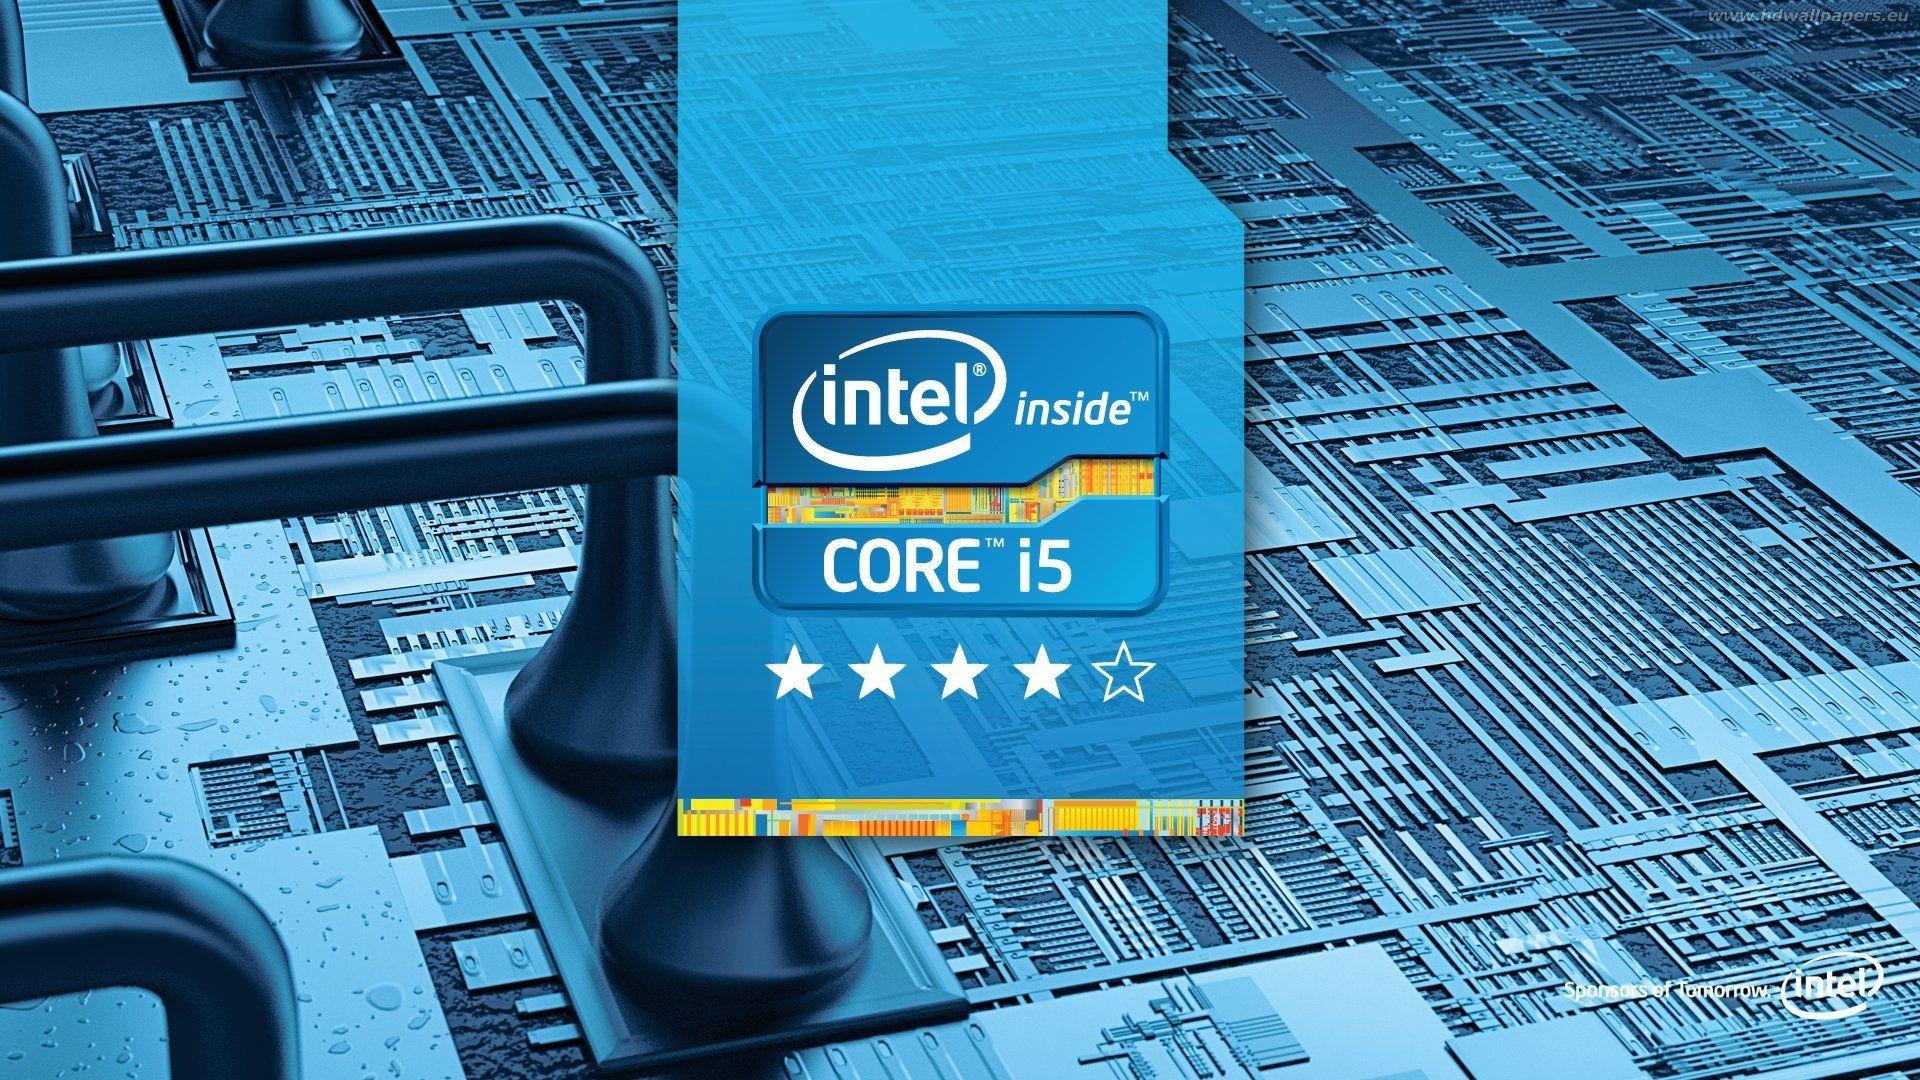 Intel Wallpaper 1920x1080 Hd 77 Images